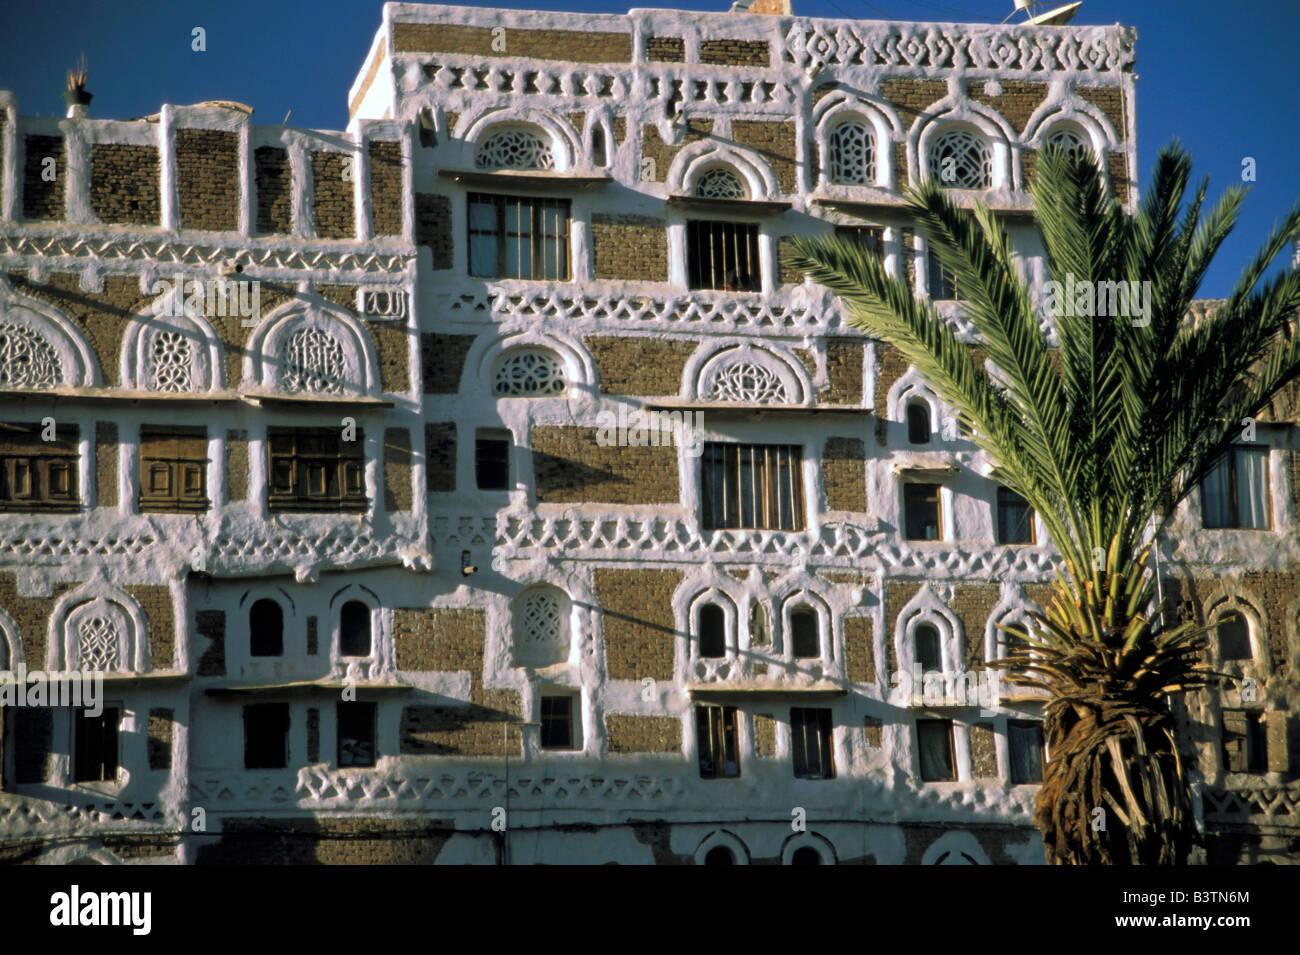 Asia, Yemen, Sana'a. Yemeni house. - Stock Image